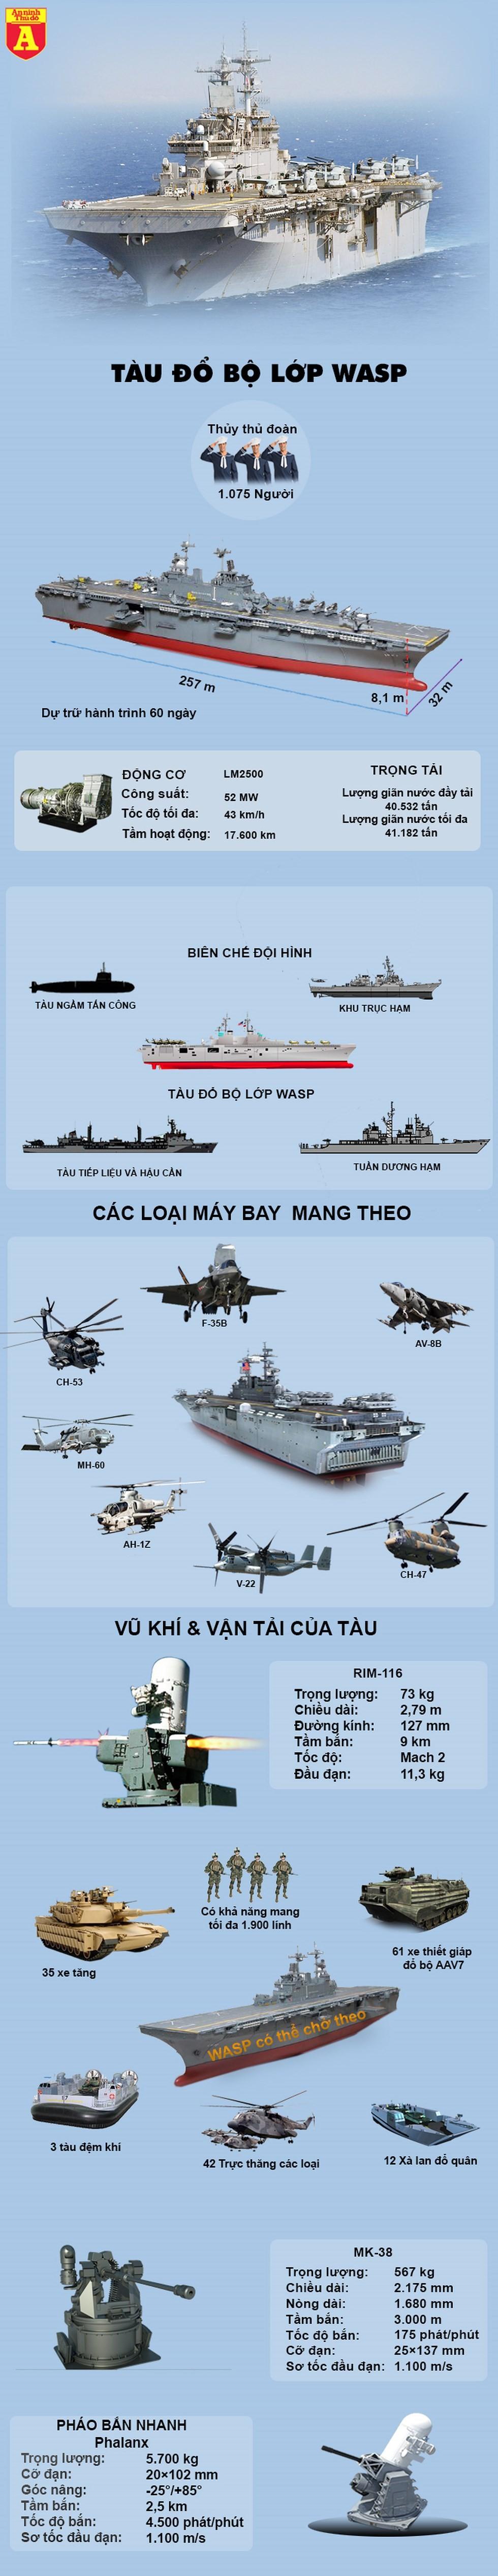 [Info] Siêu tàu đổ bộ Mỹ có nguy cơ tê liệt vì Covid-19 ảnh 2